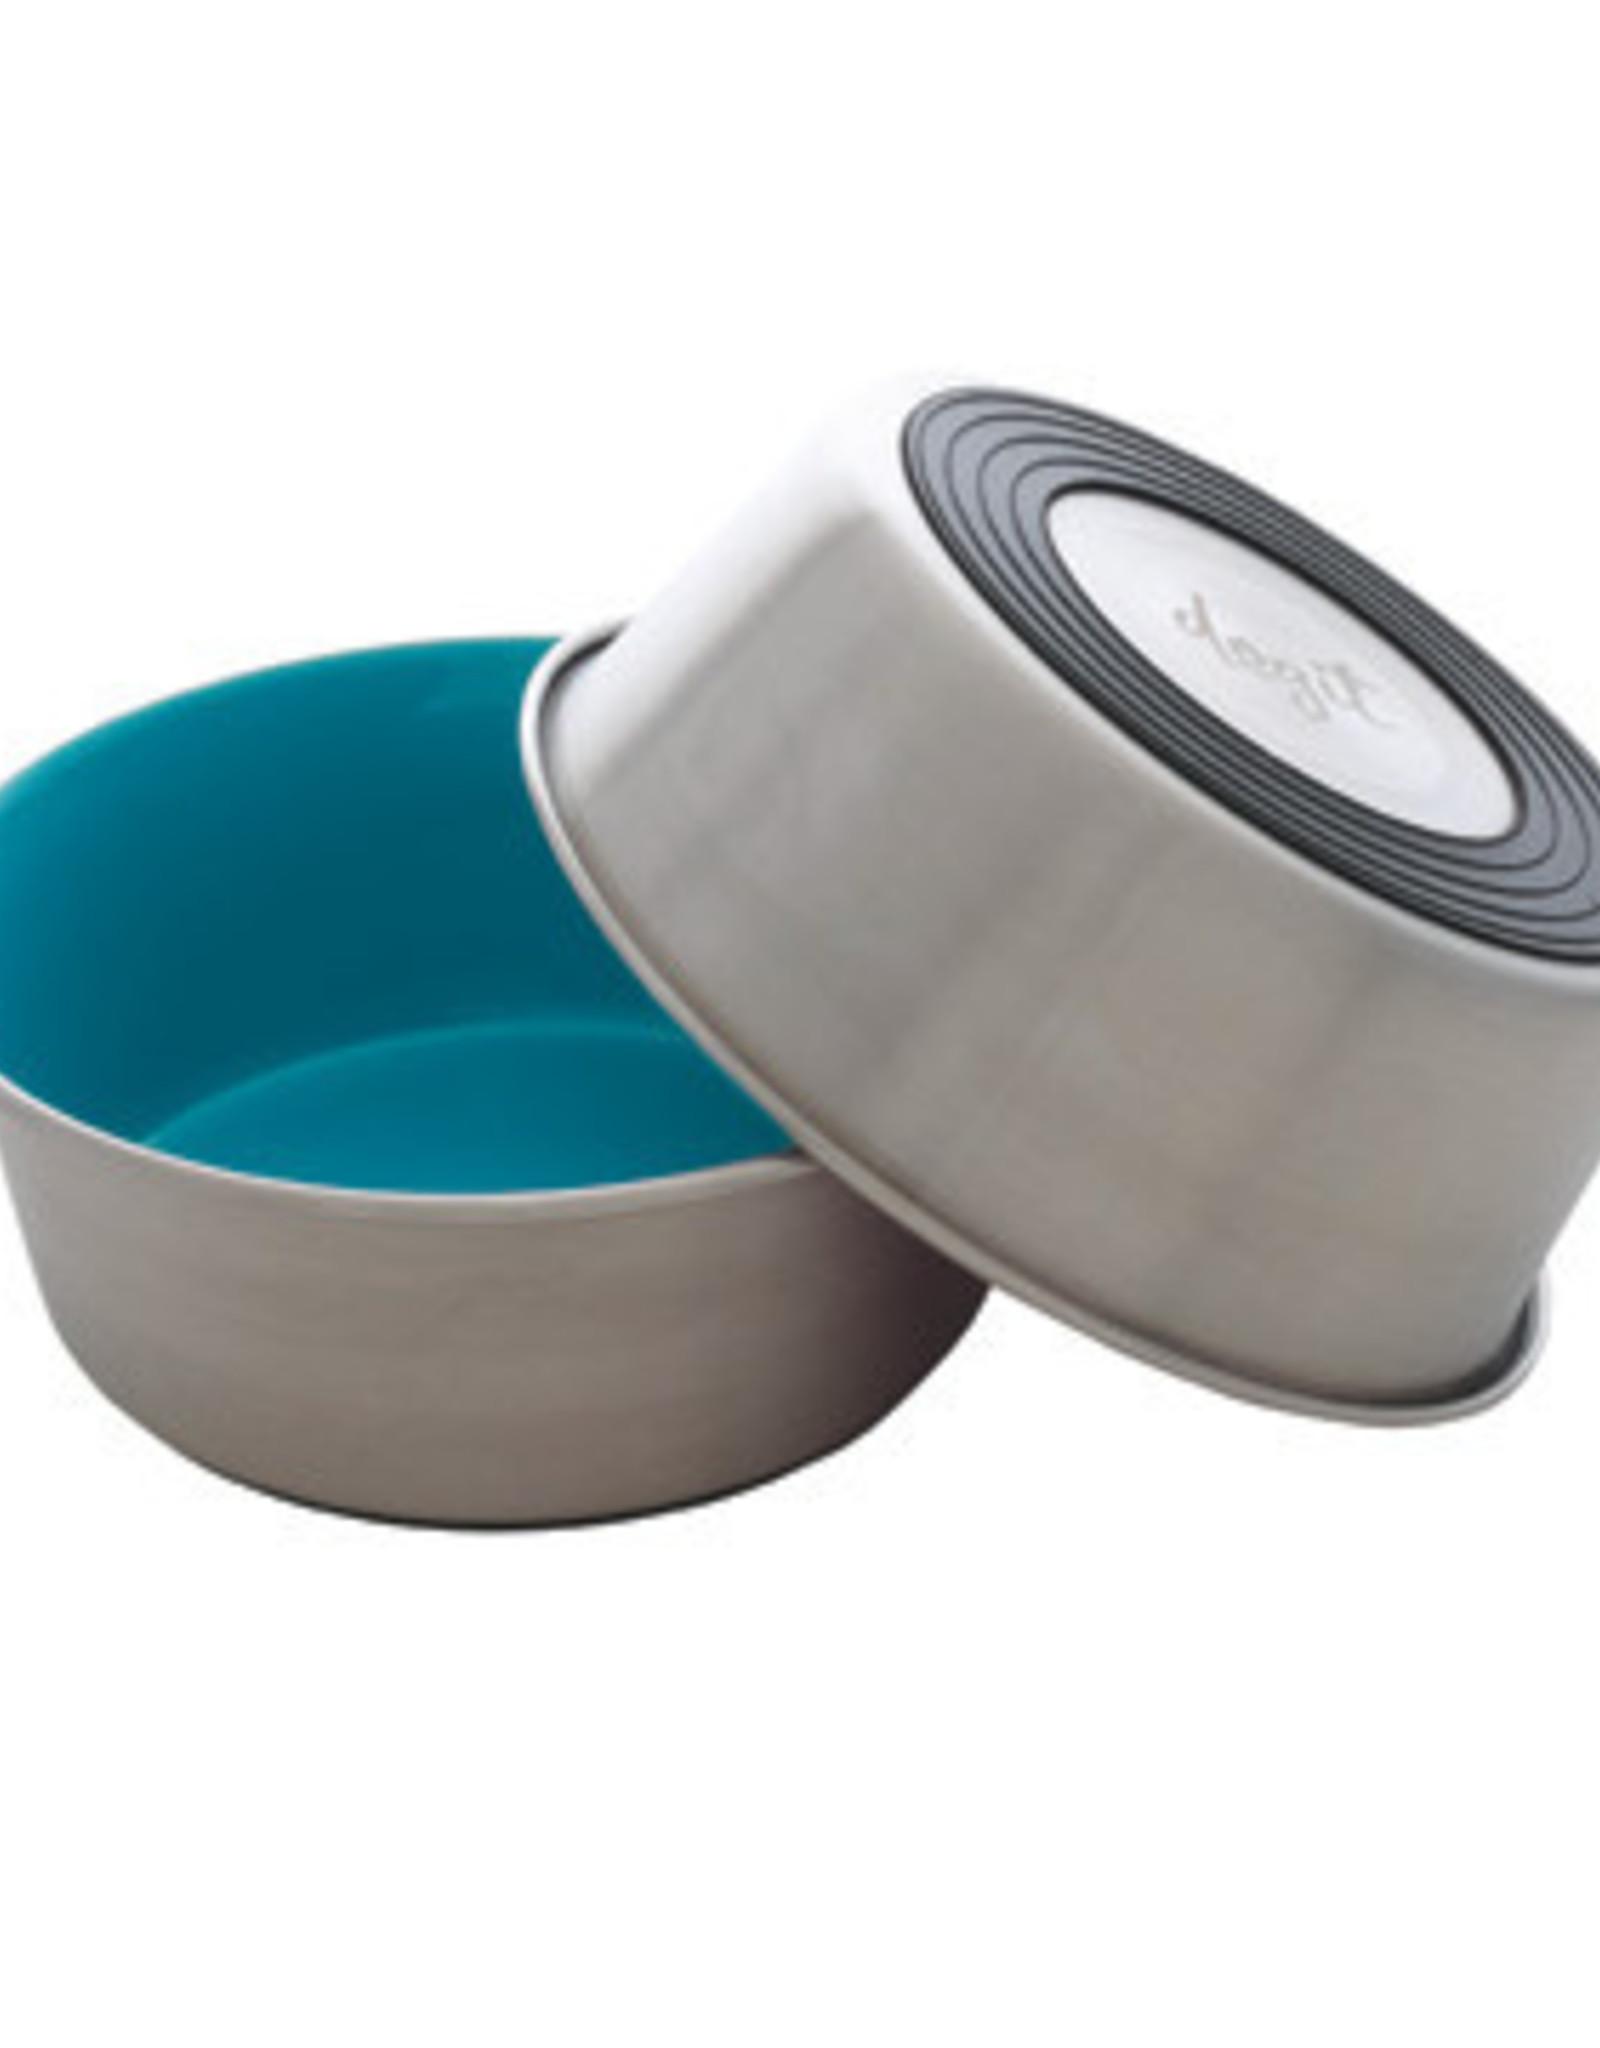 DogIt Dogit Stainless Steel Non-Skid Dog Bowl - Blue - 560 ml (19 fl.oz.)